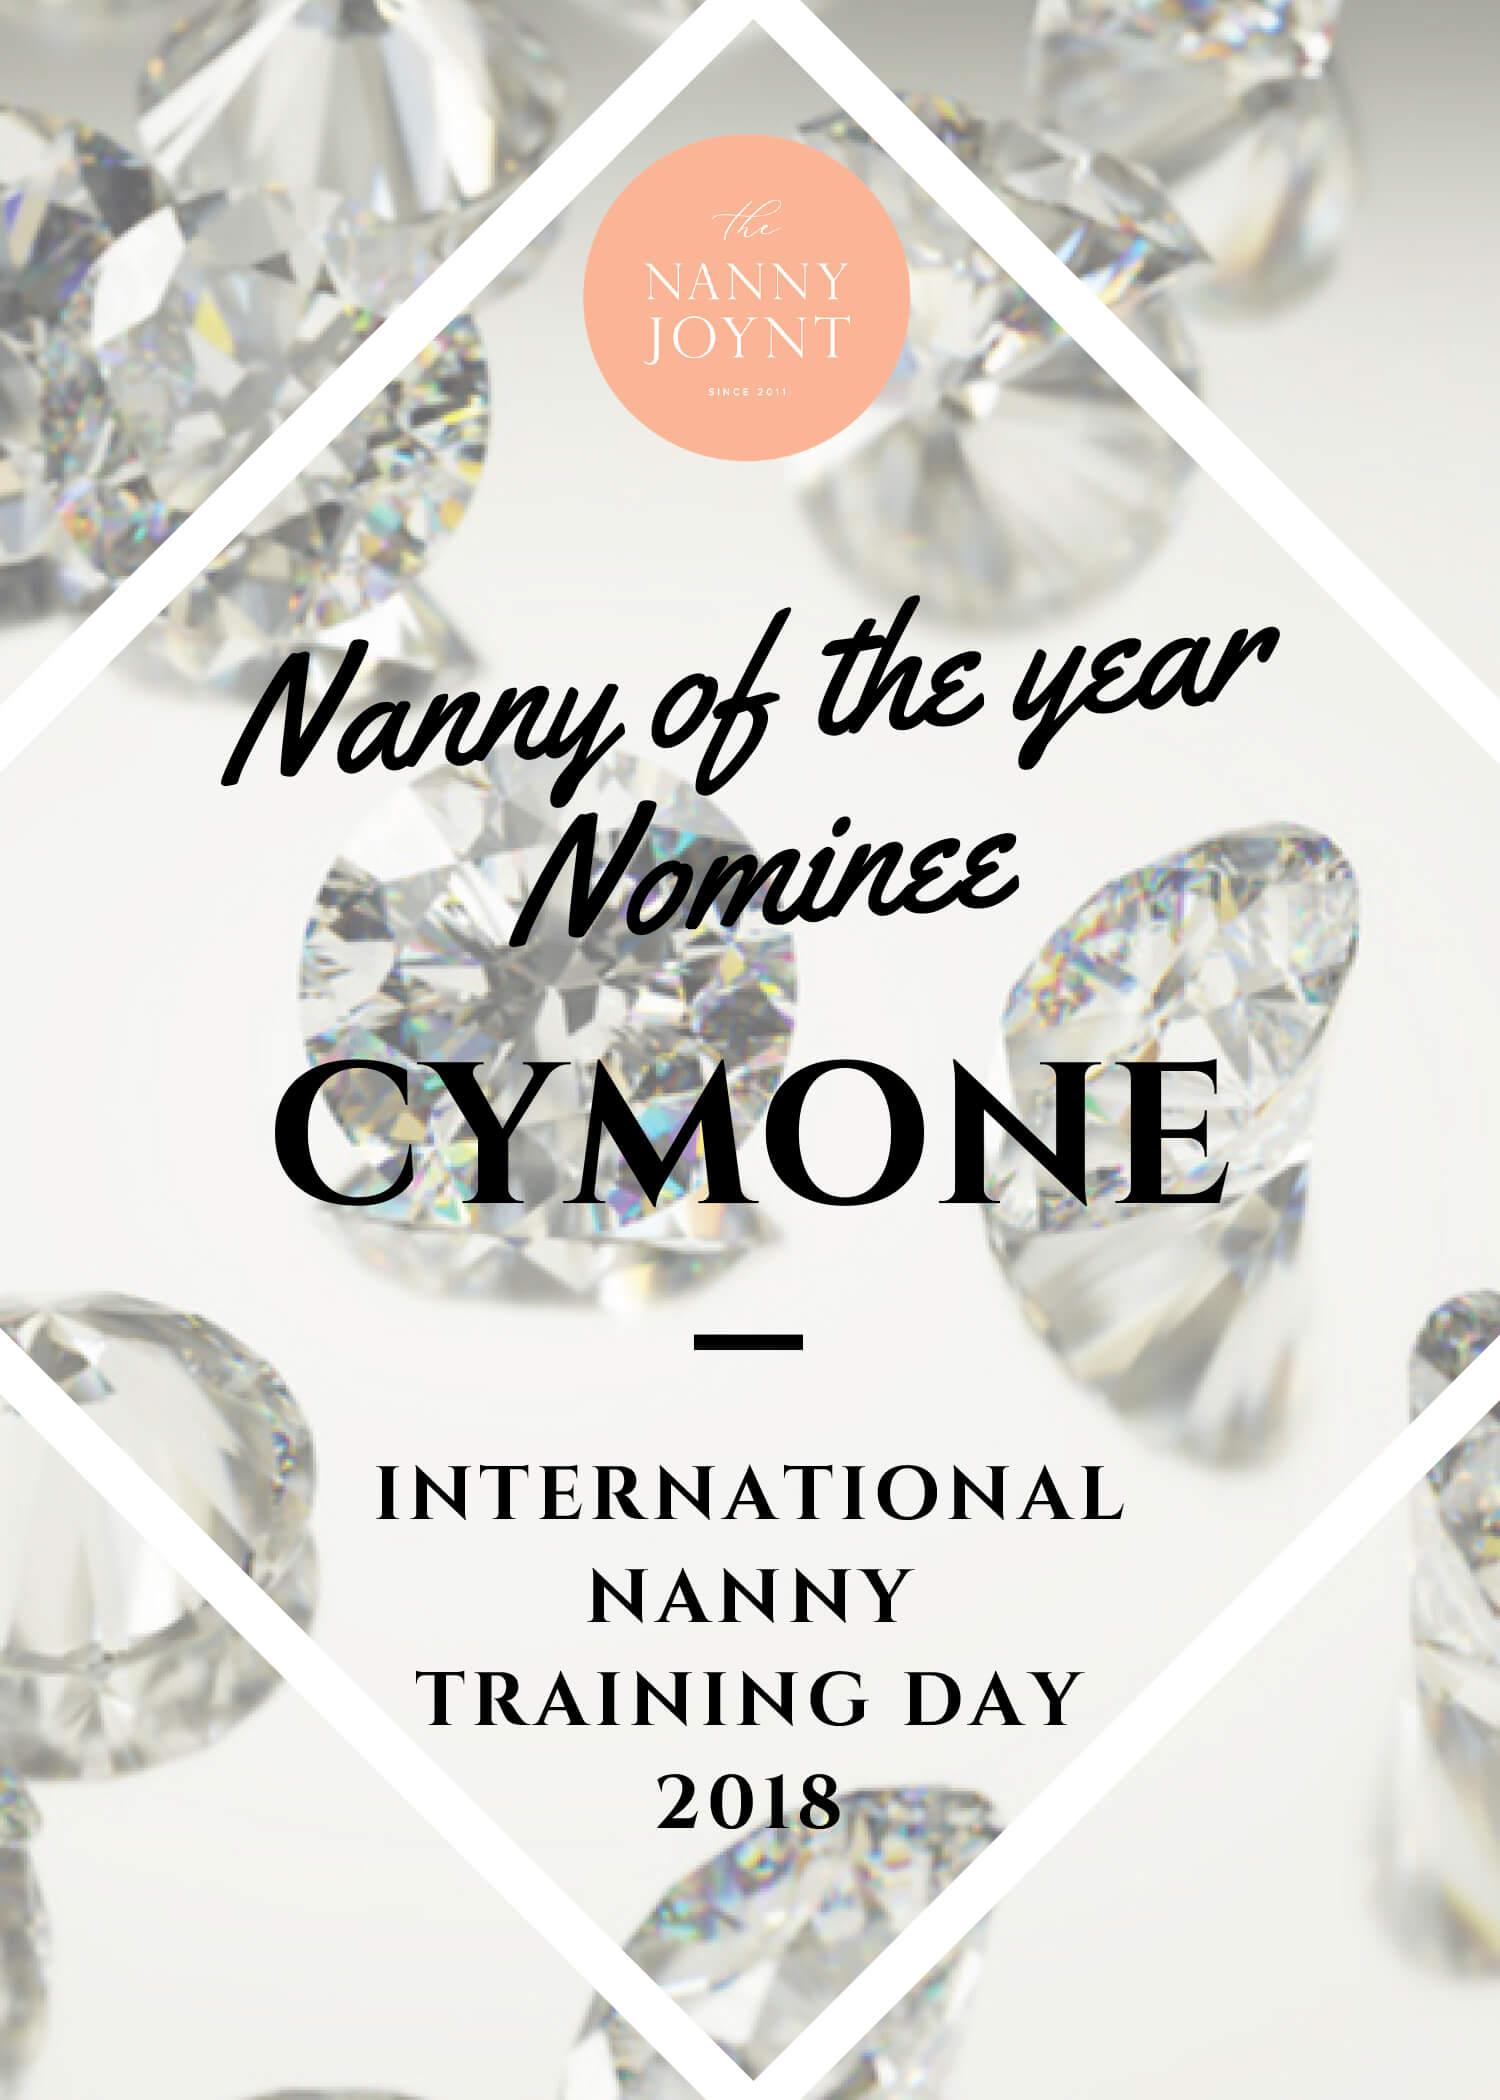 iNNTD Arizona Nanny Of The Year Nominee – Cymone